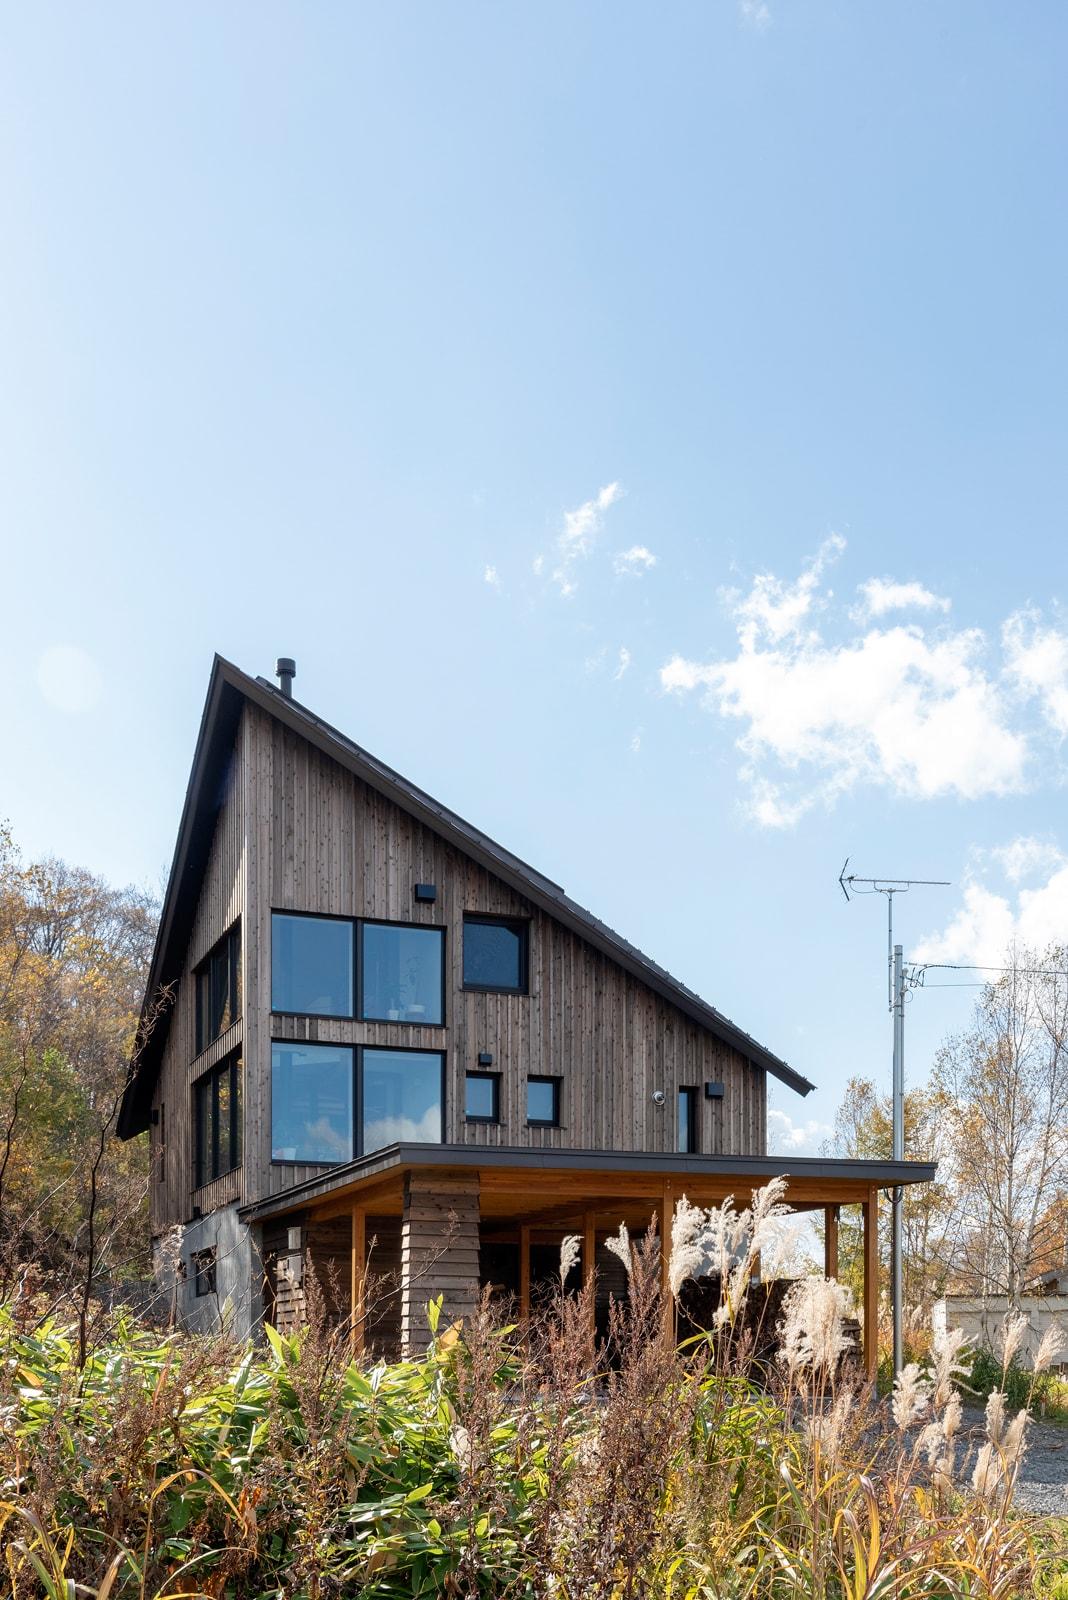 大屋根のアプローチ側からみた外観。羊蹄山を存分に楽しめる大開口と45度回転させた屋根が特徴的